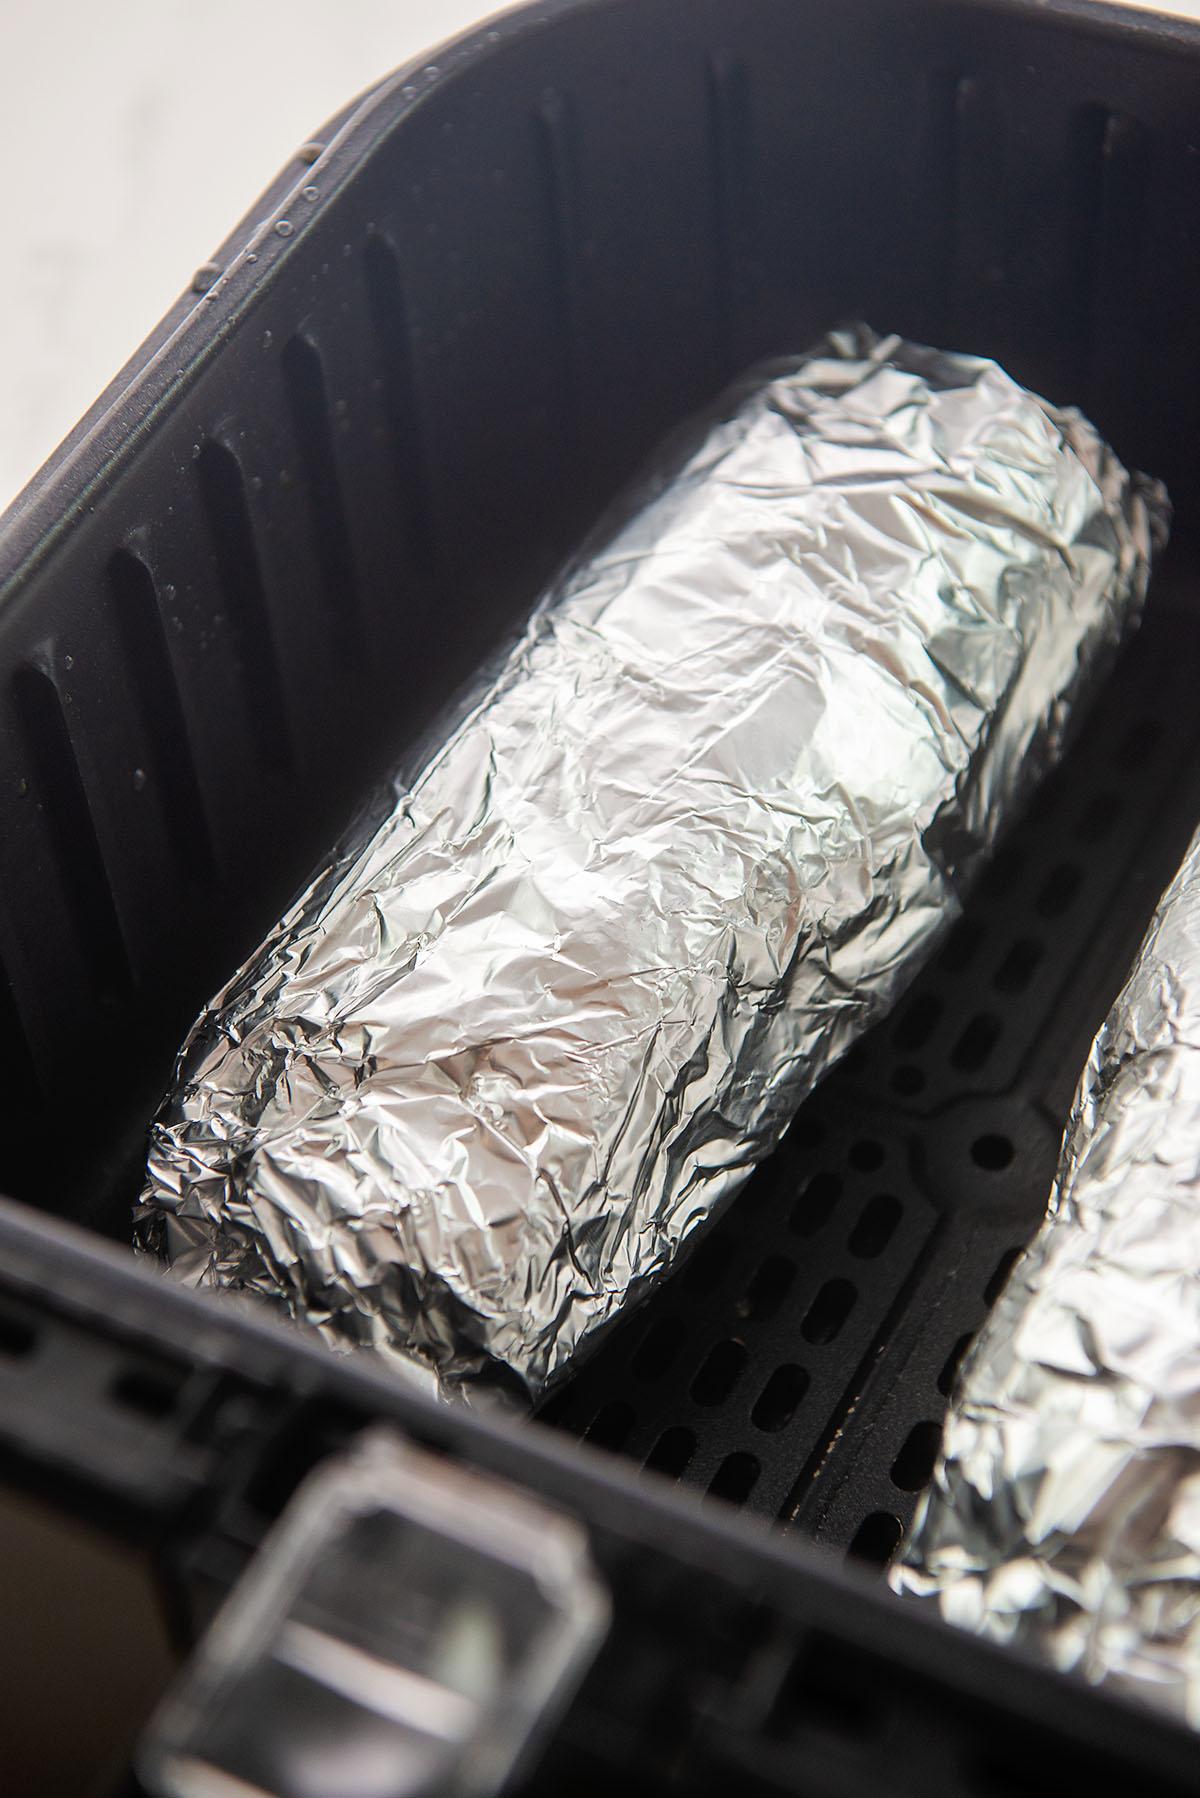 Sandwich wrapped in foil in an air fryer basket.